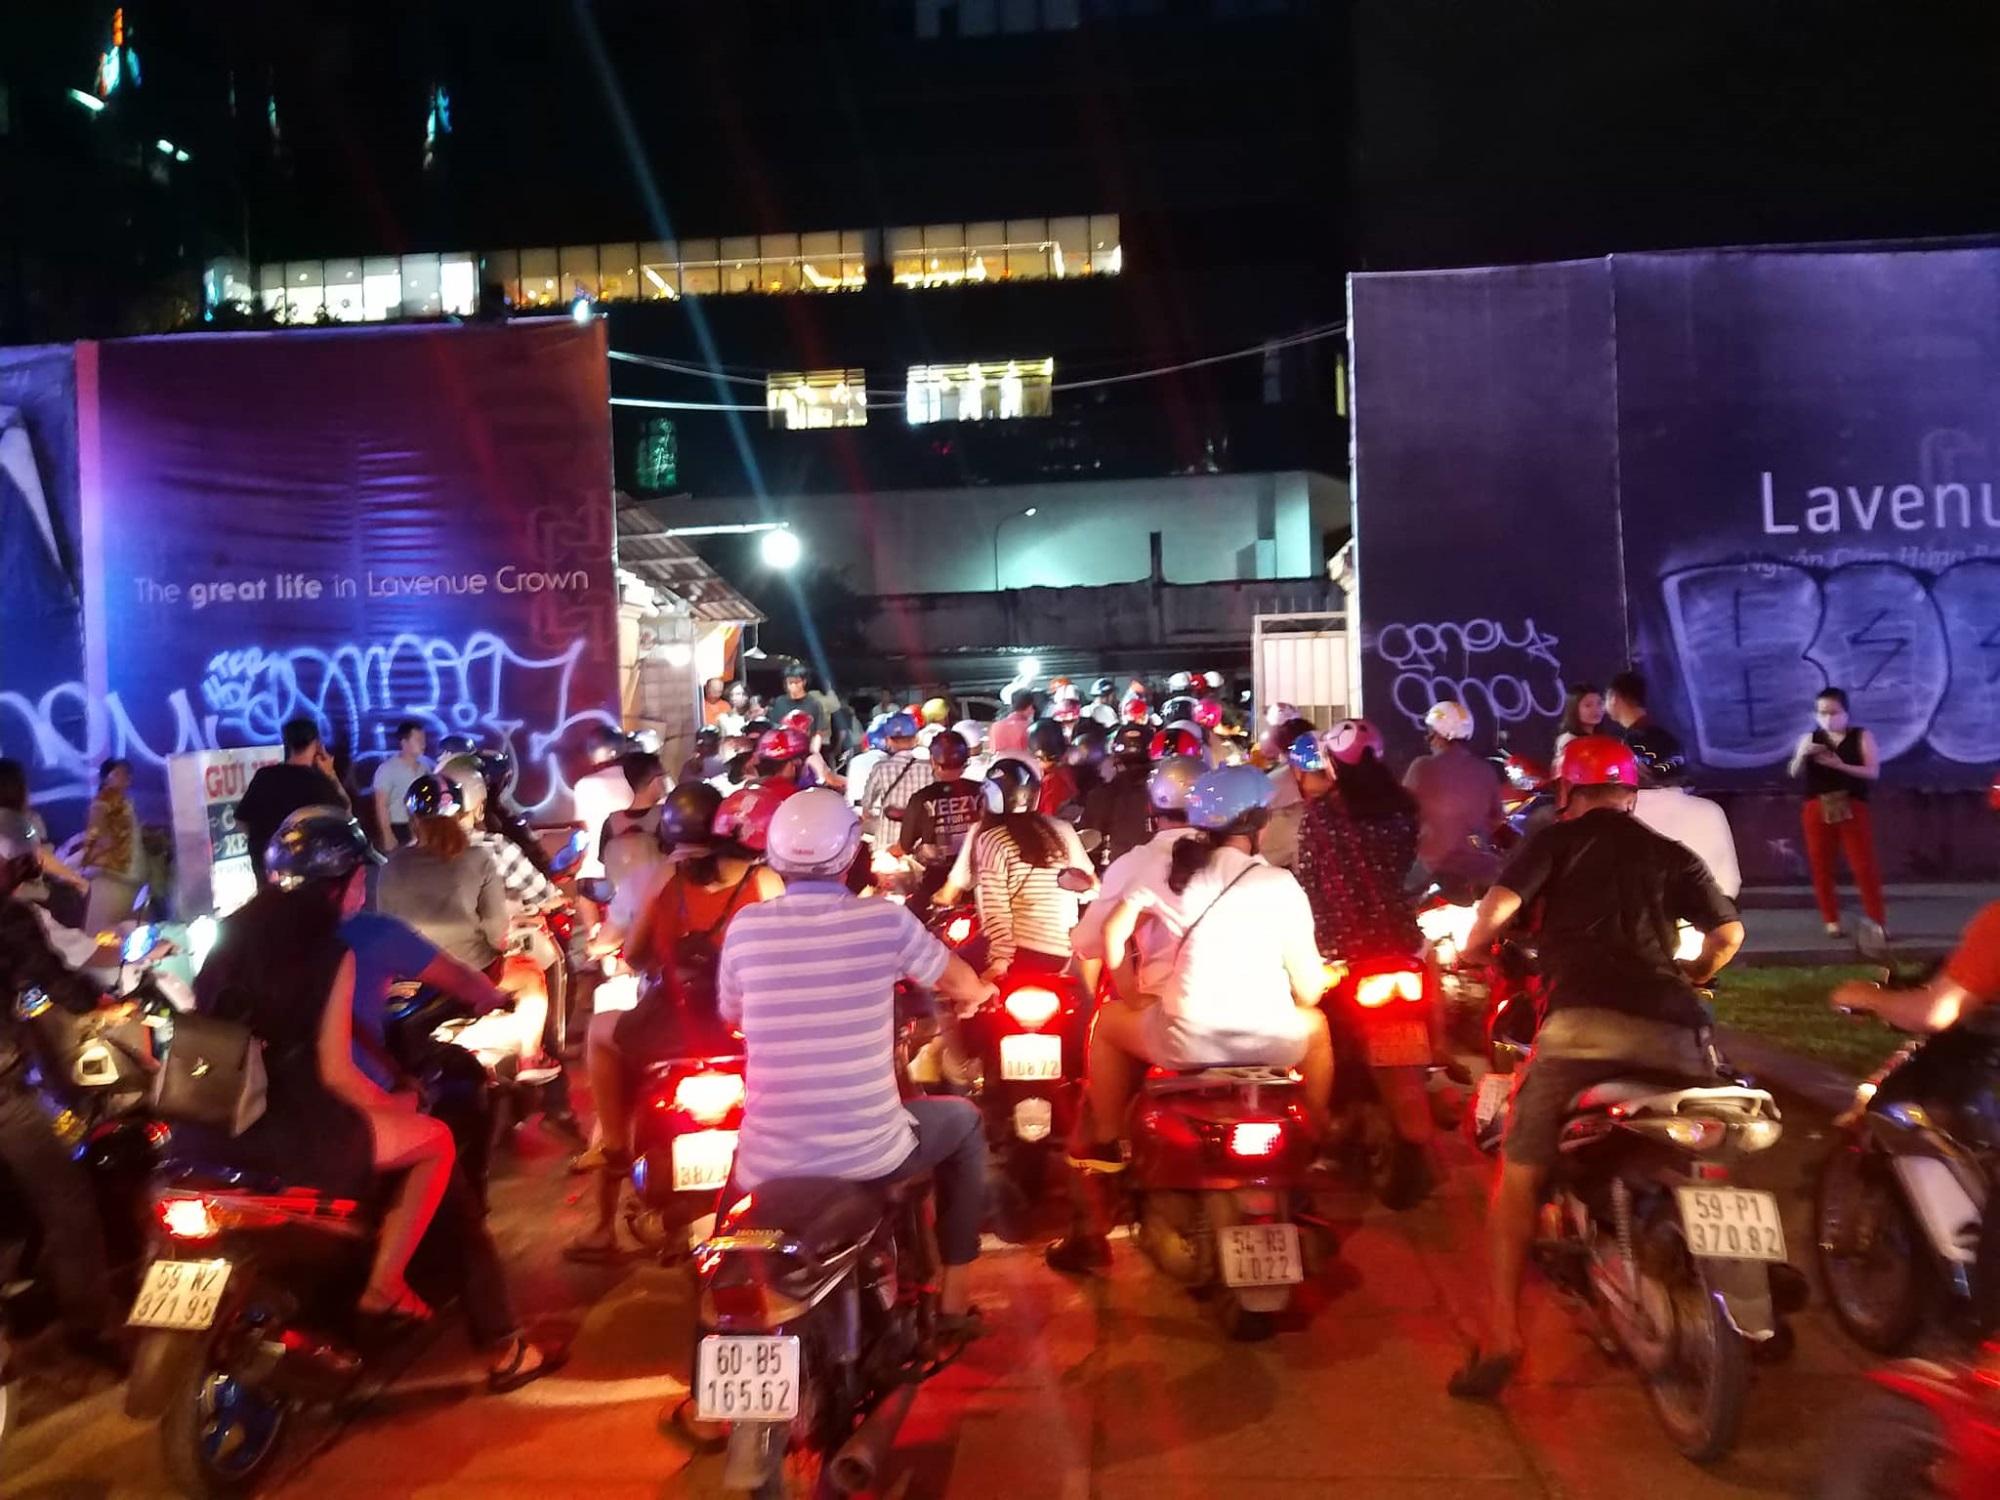 Hàng triệu người dân Sài Gòn xuống phố đón màn pháo hoa rực rỡ mừng năm mới 2019 - Ảnh 22